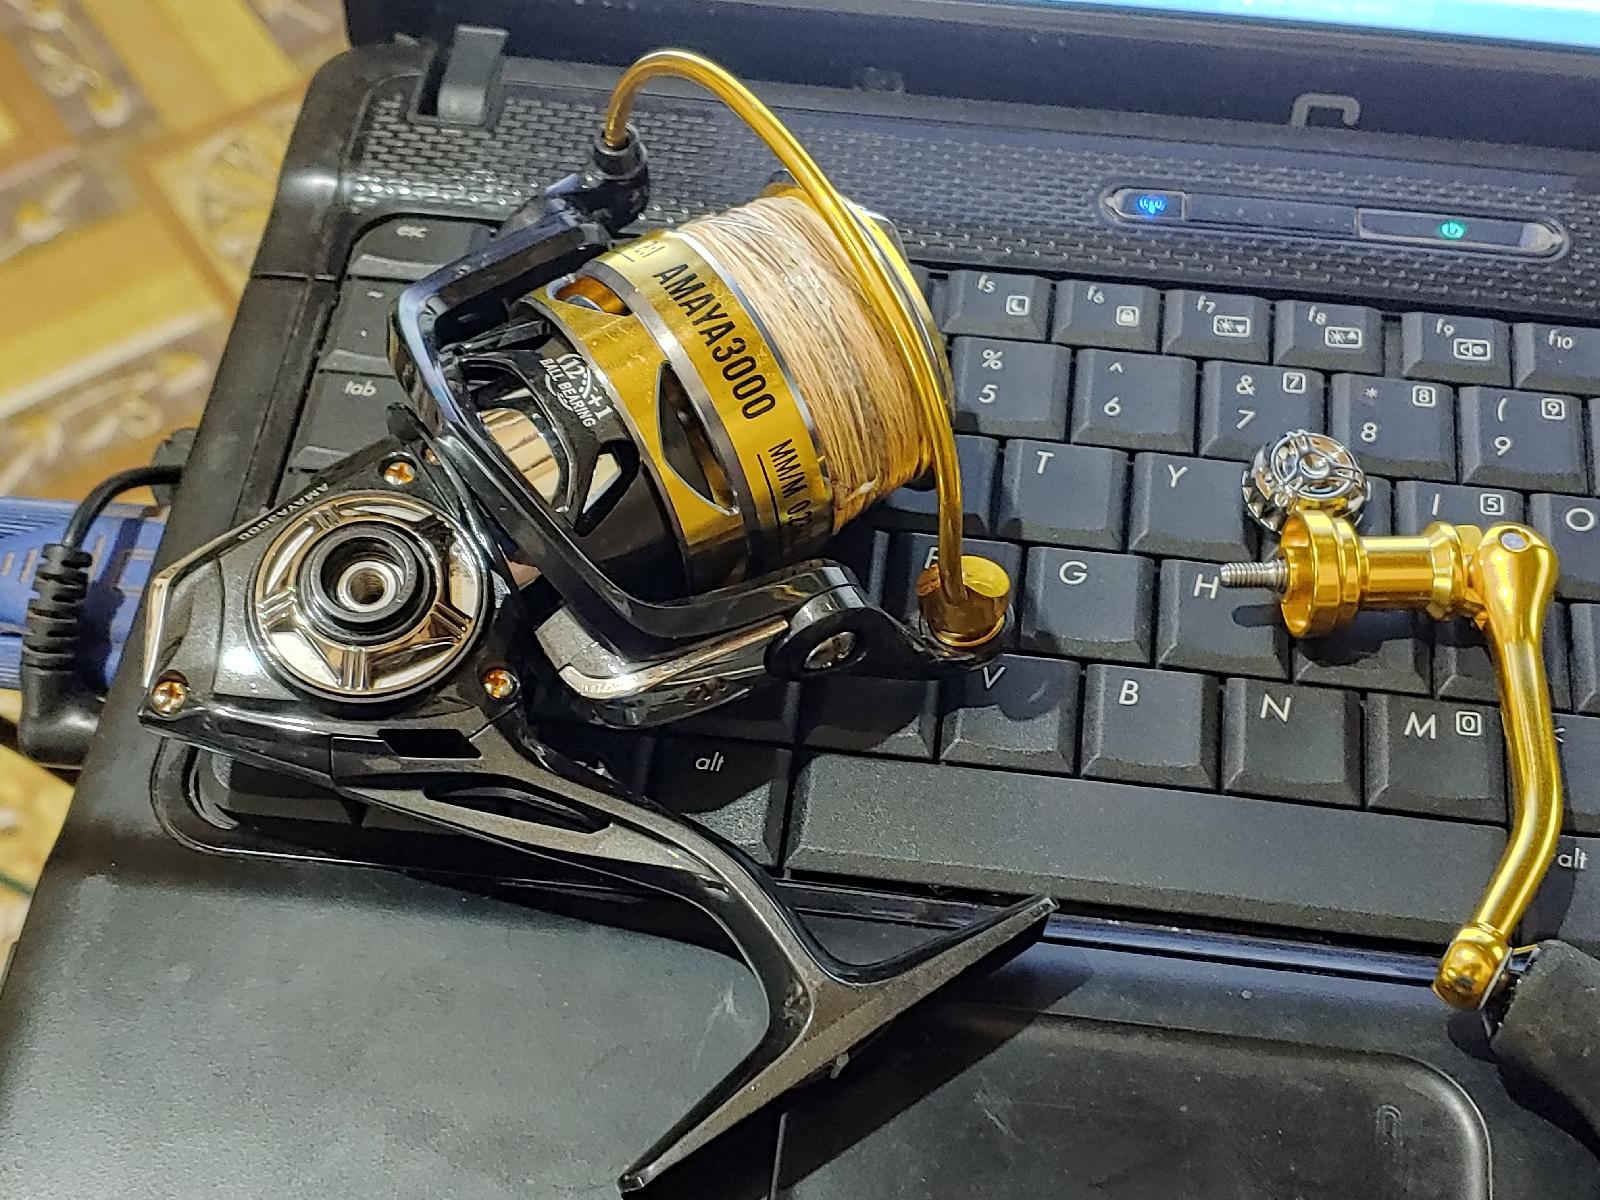 Review dan Spesifikasi Reel Spinning Fugu Amaya